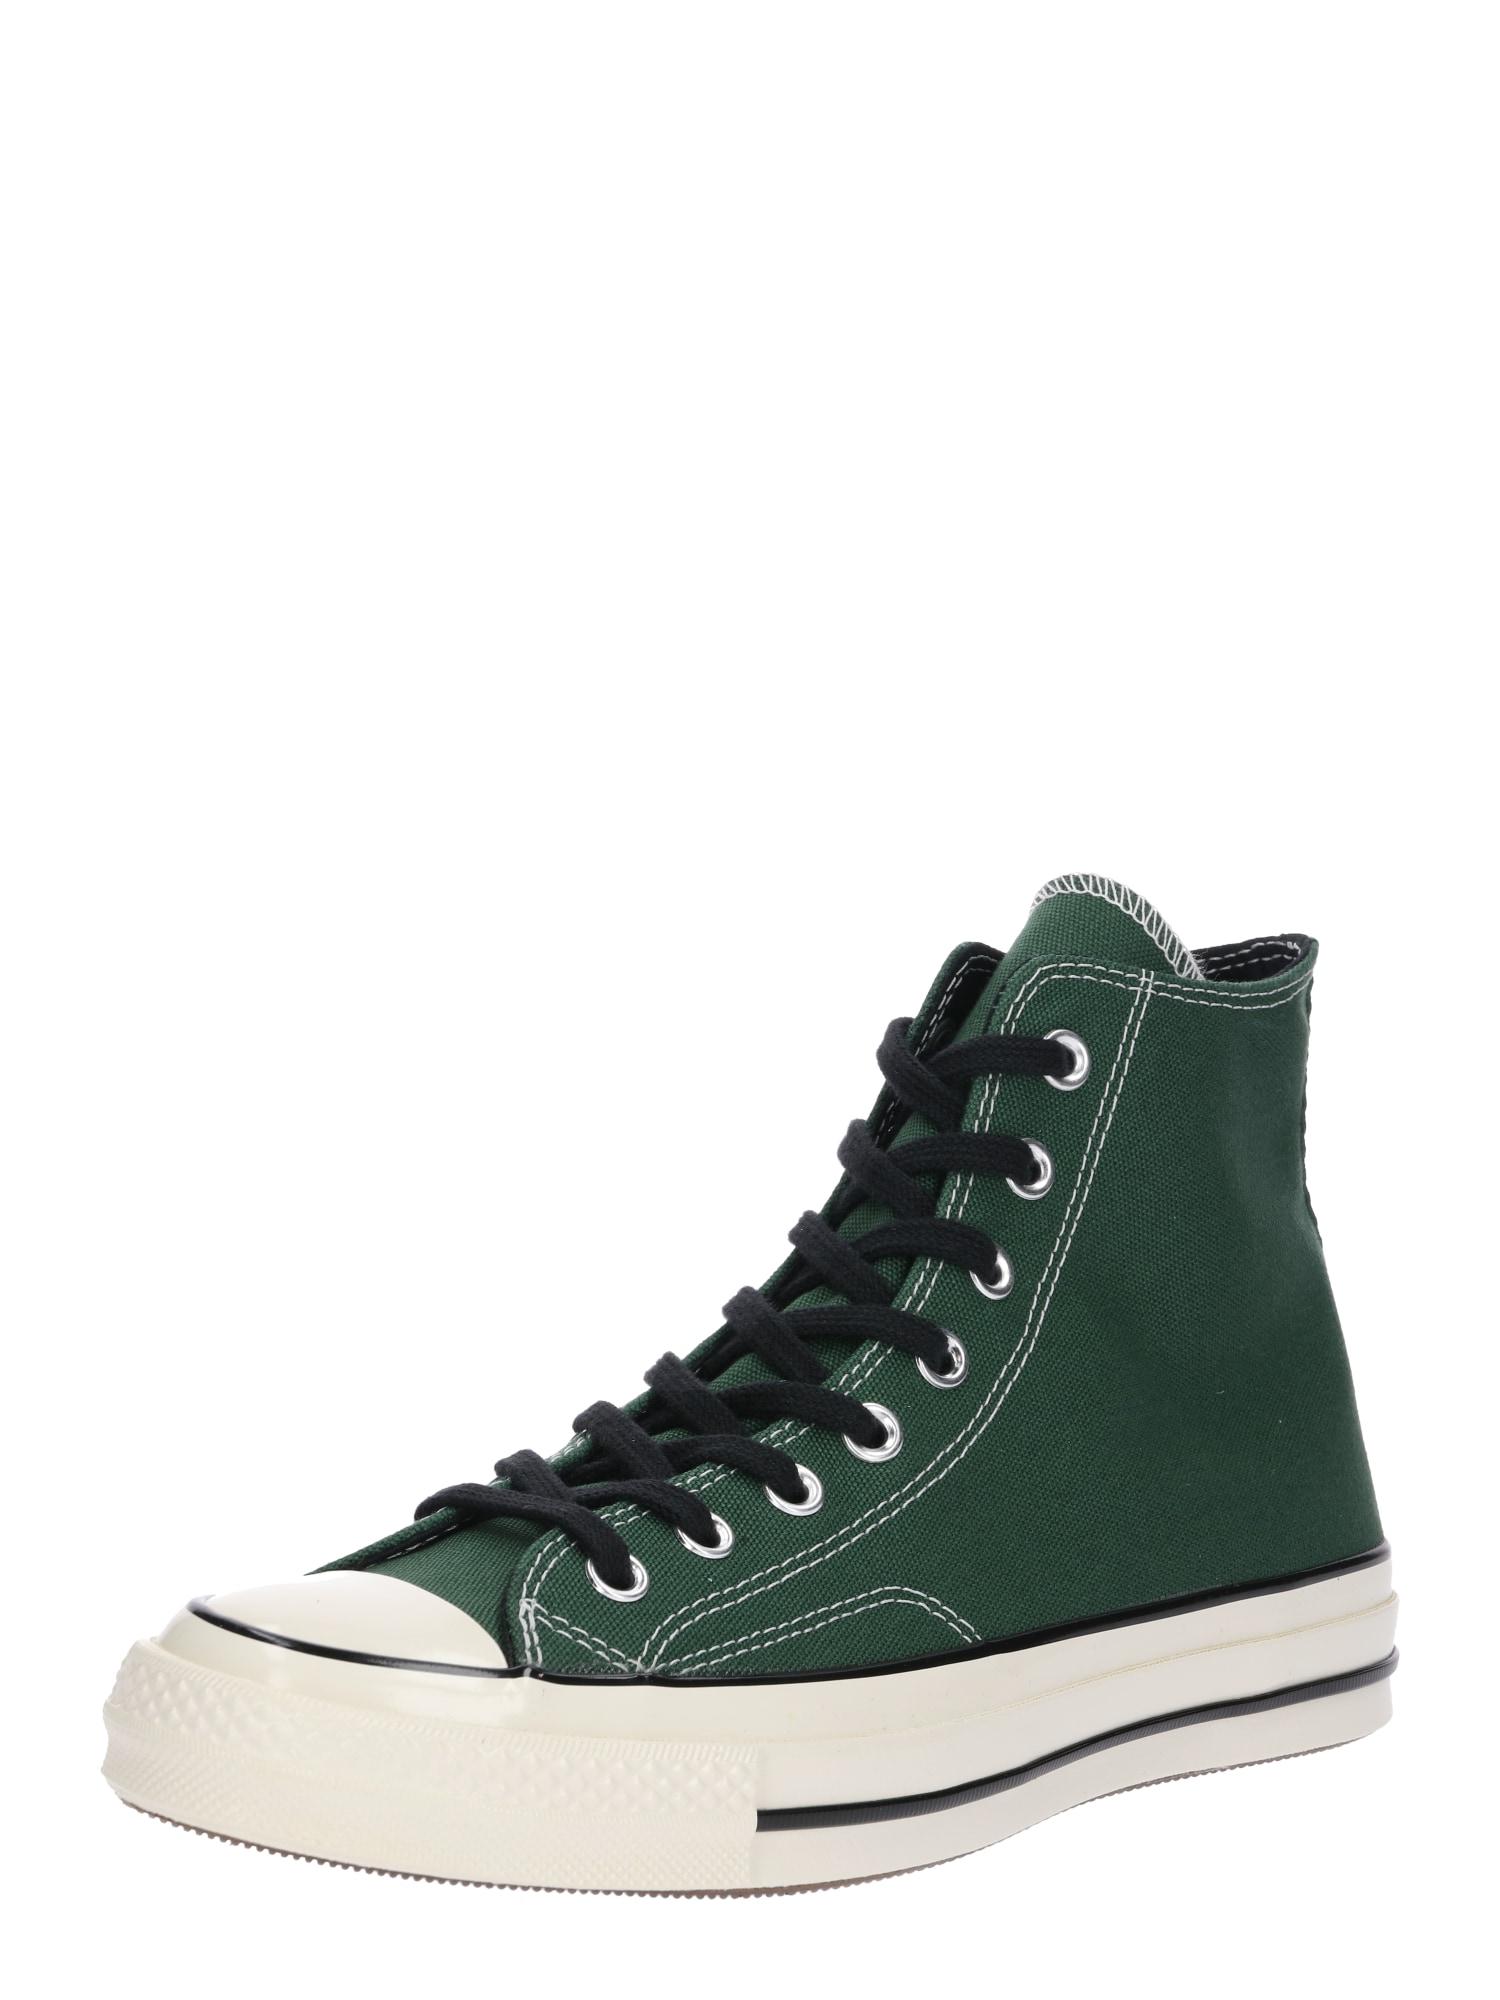 Kotníkové tenisky CHUCK 70 - HI tmavě zelená bílá CONVERSE